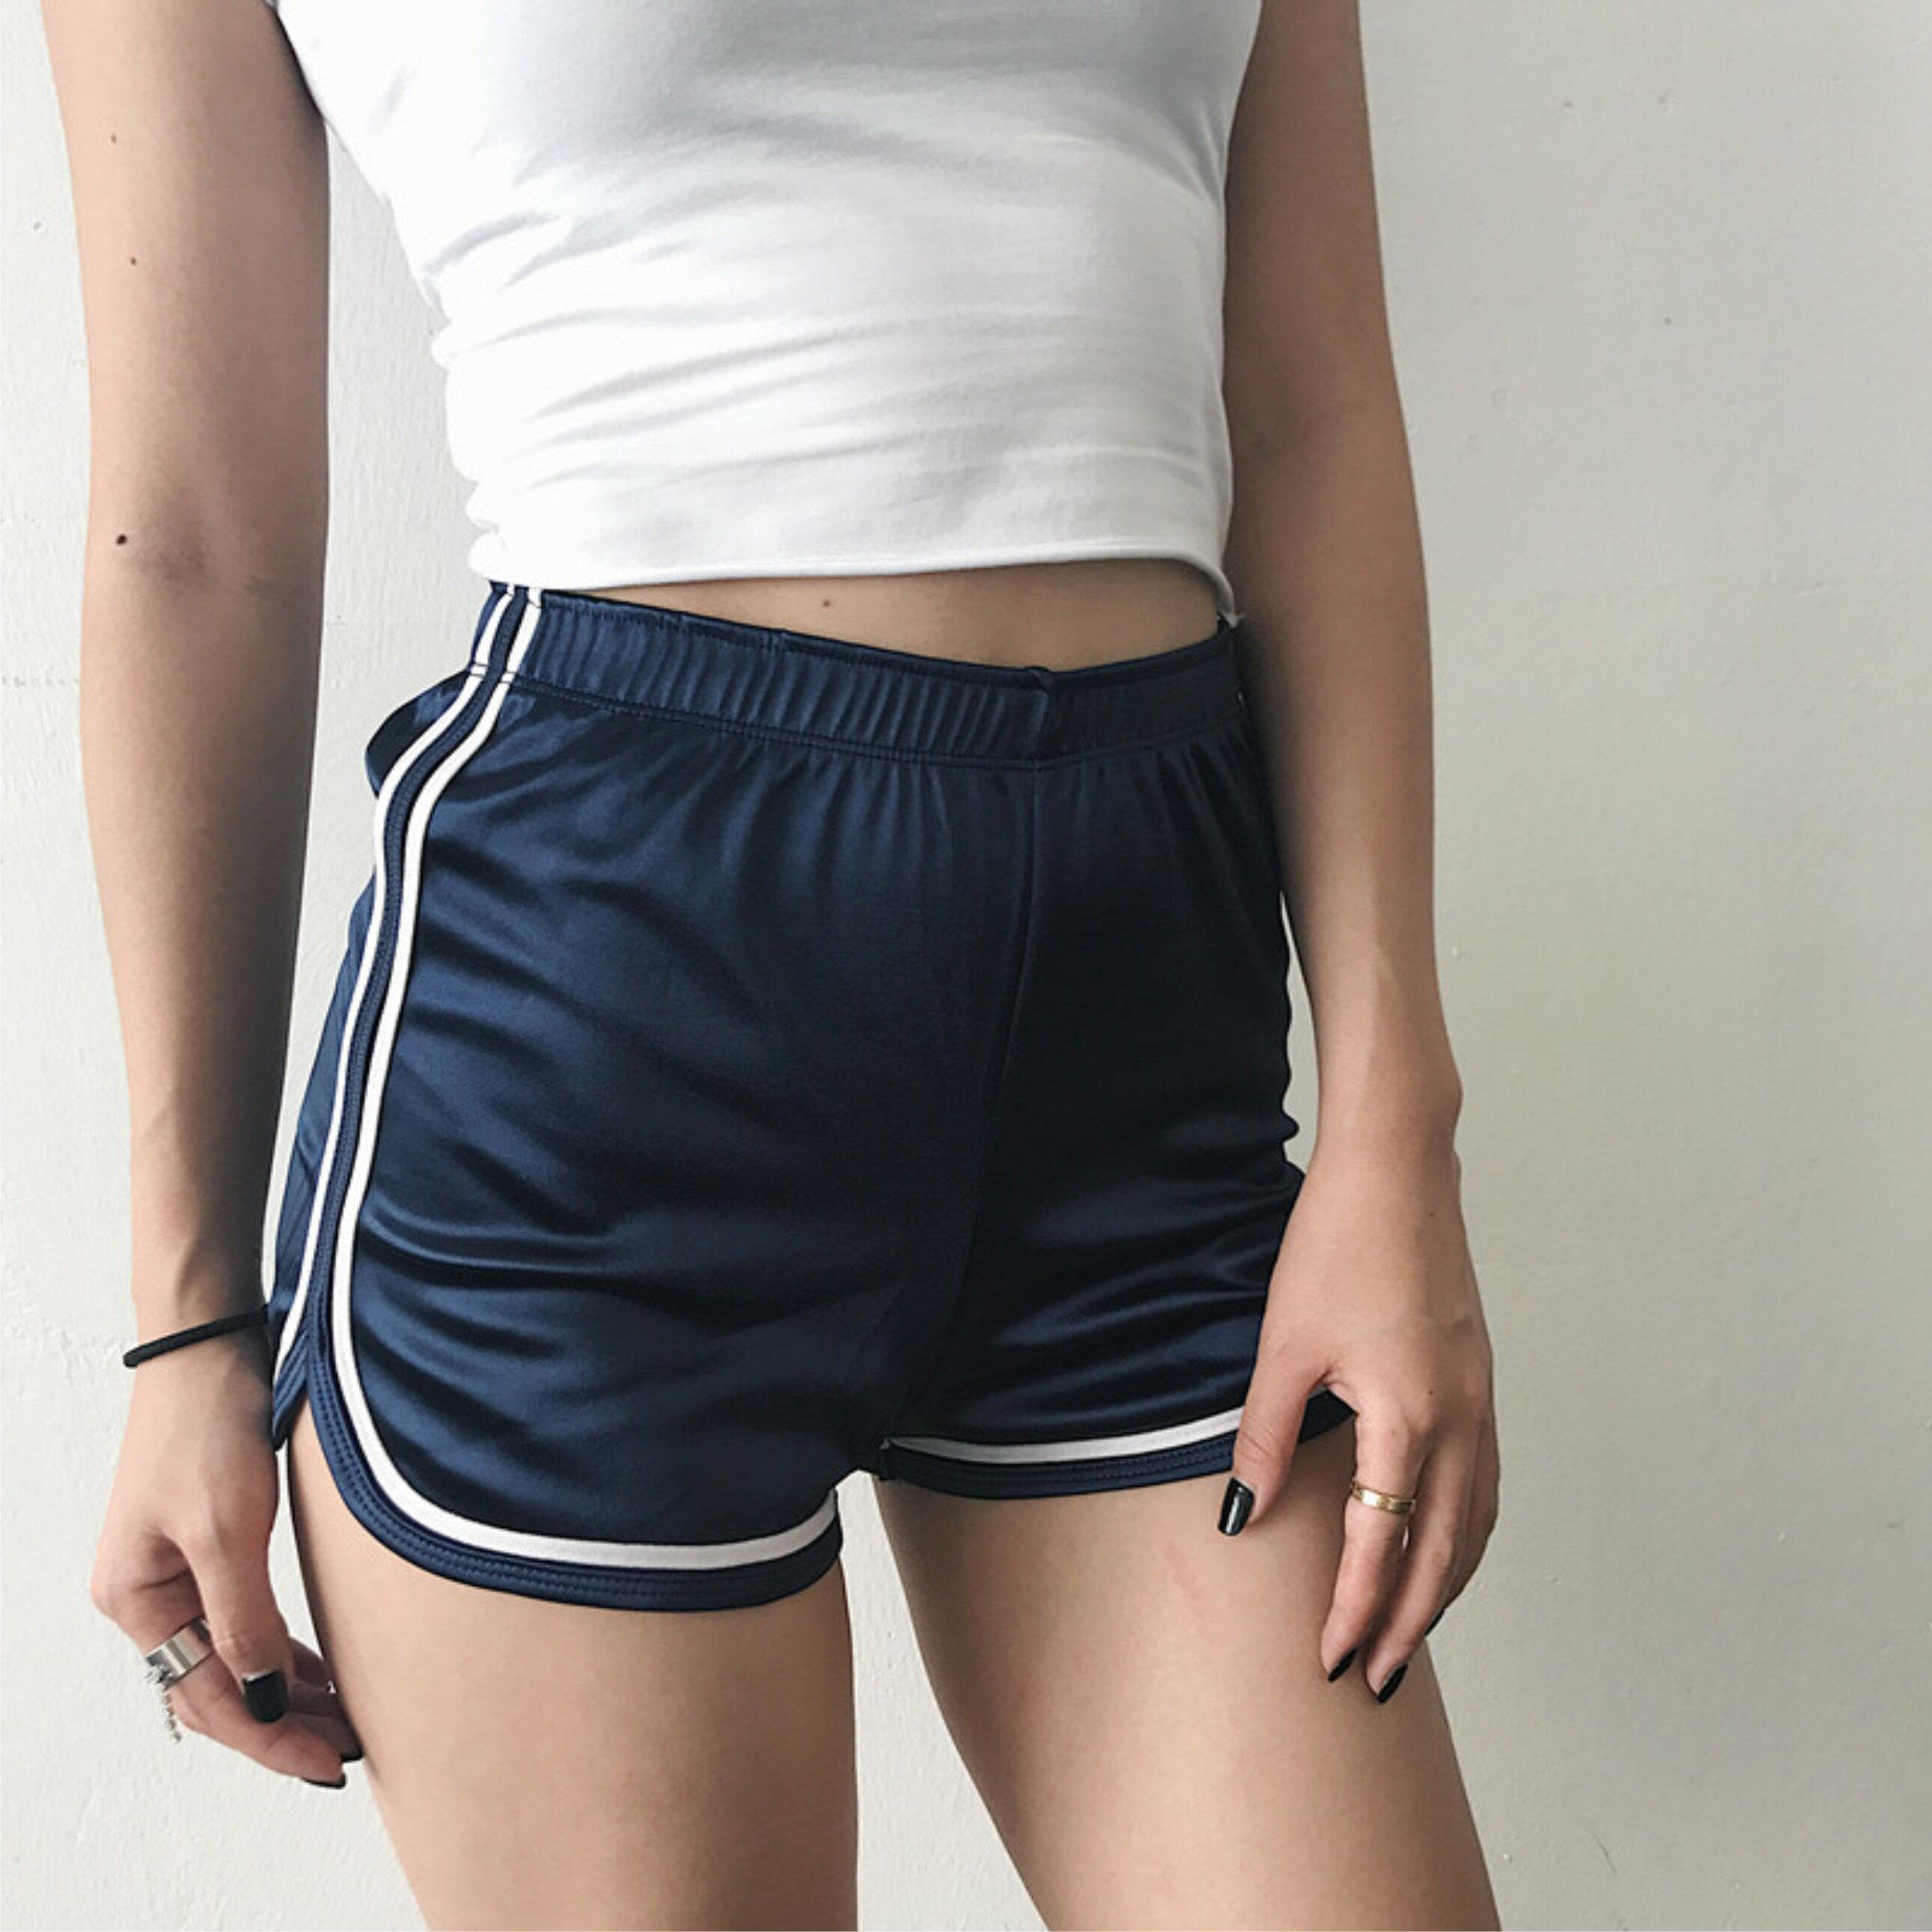 優惠特價中 歐美風格 亮面短褲 線條休閒跑步運動練舞熱褲鬆緊 高腰包臀顯瘦 緞面有質感 女短褲流行簡約好看 C54